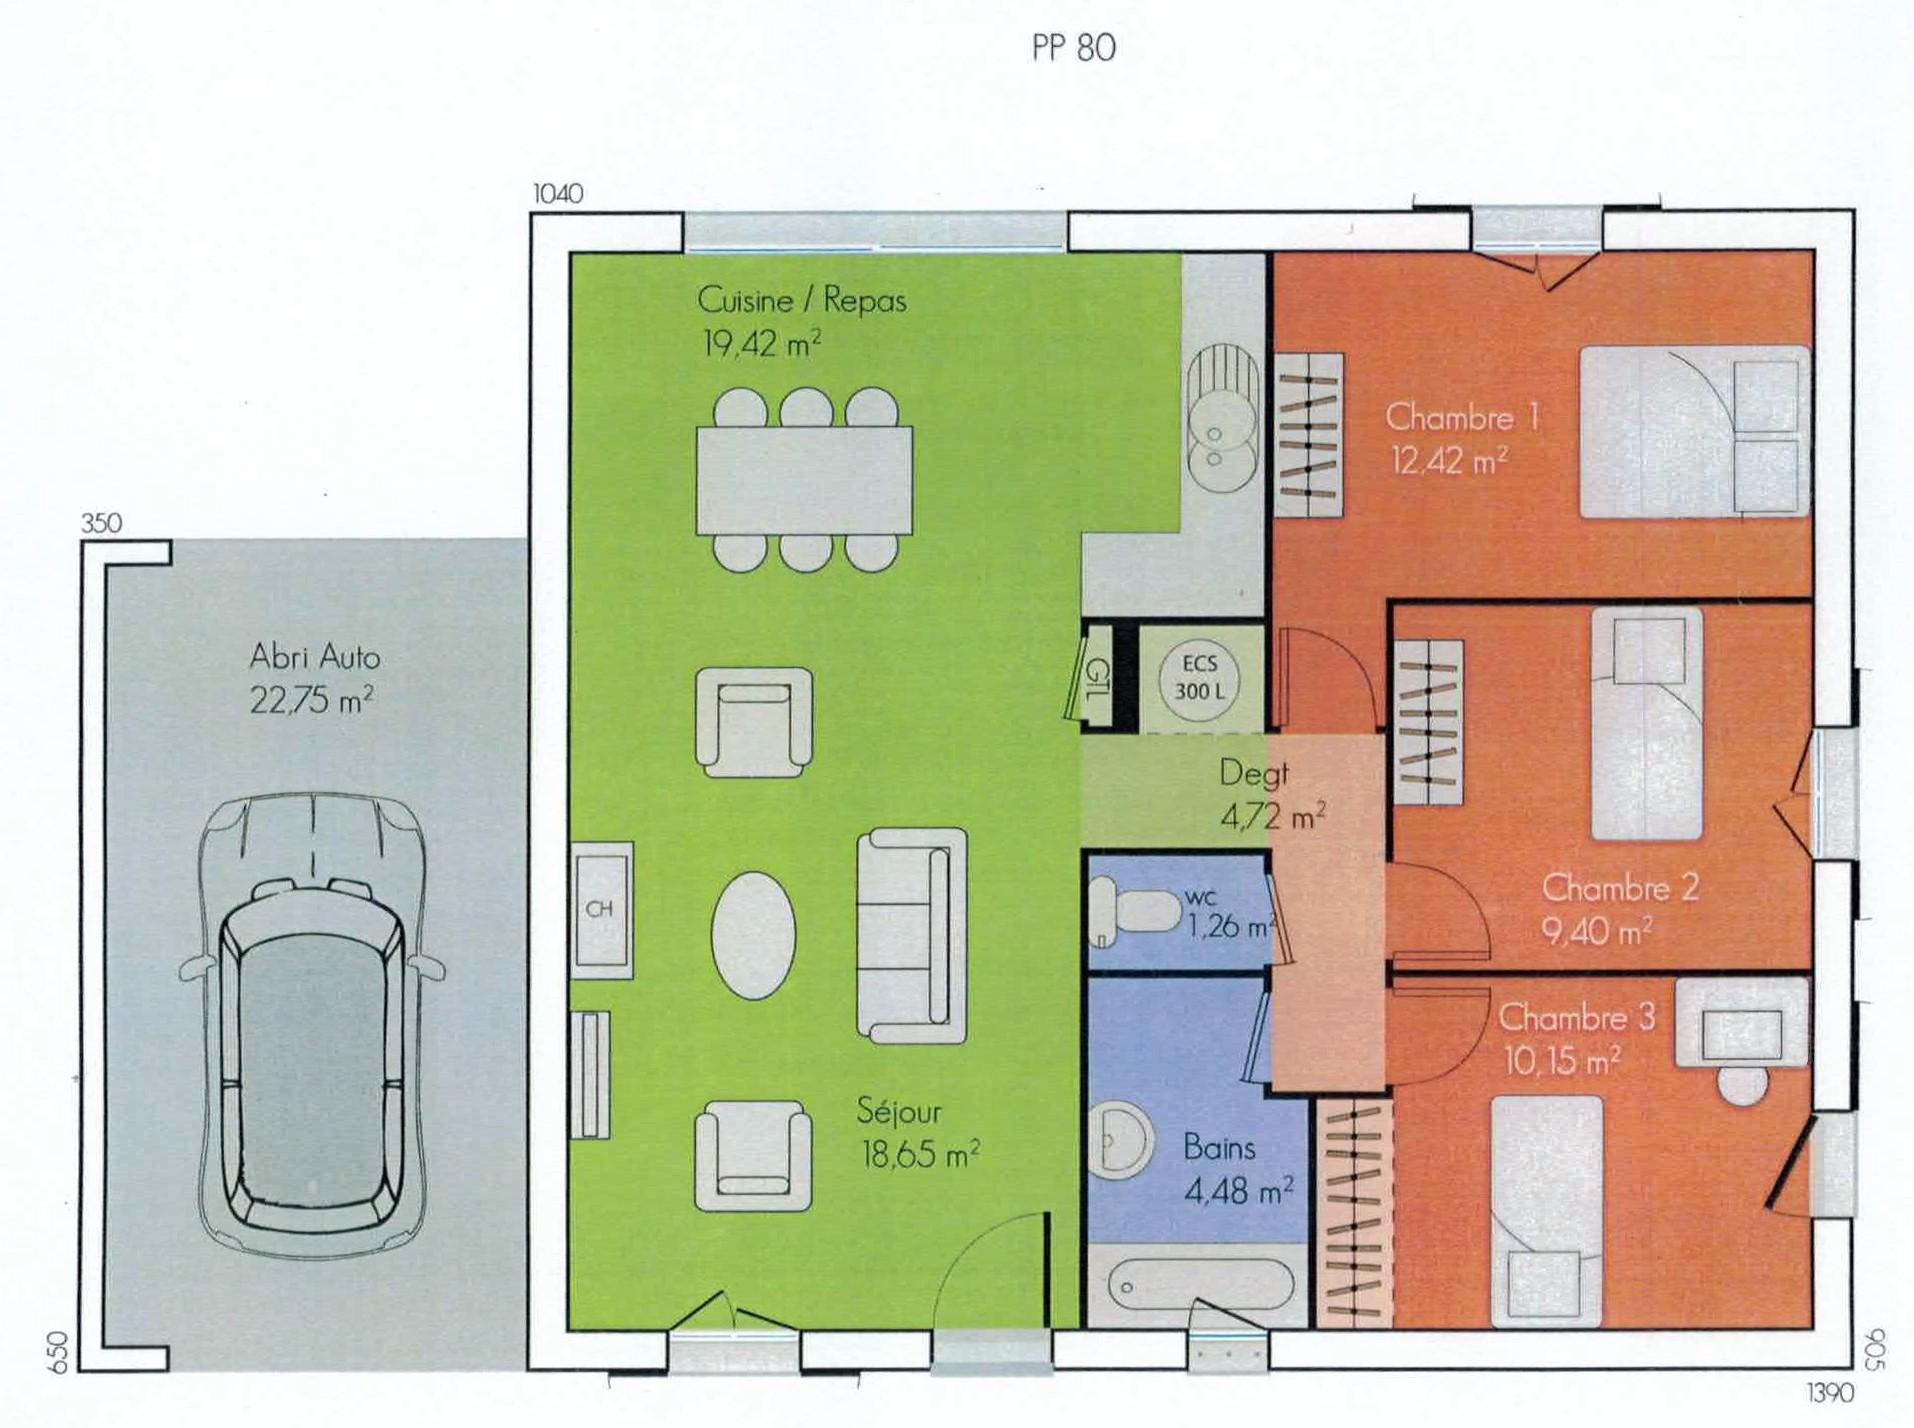 Maison plain pied 80 m - Petite maison de plain pied ...